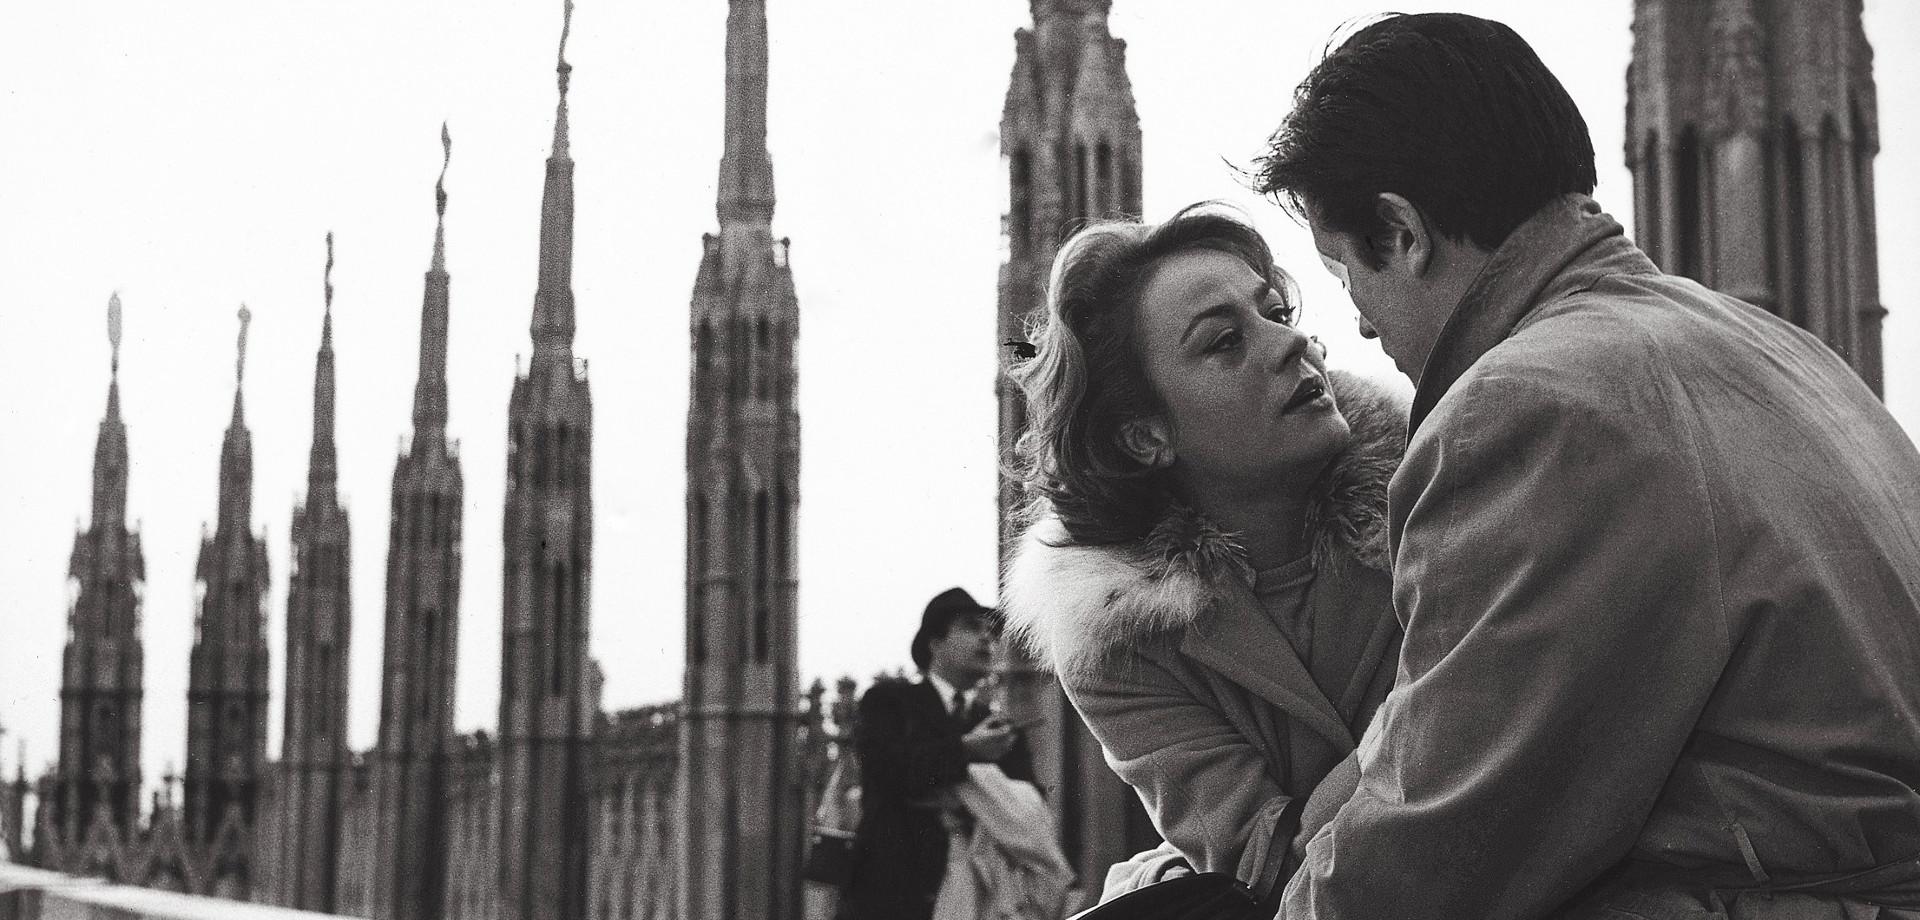 Πανόραμα Ευρωπαϊκού Κινηματογράφου